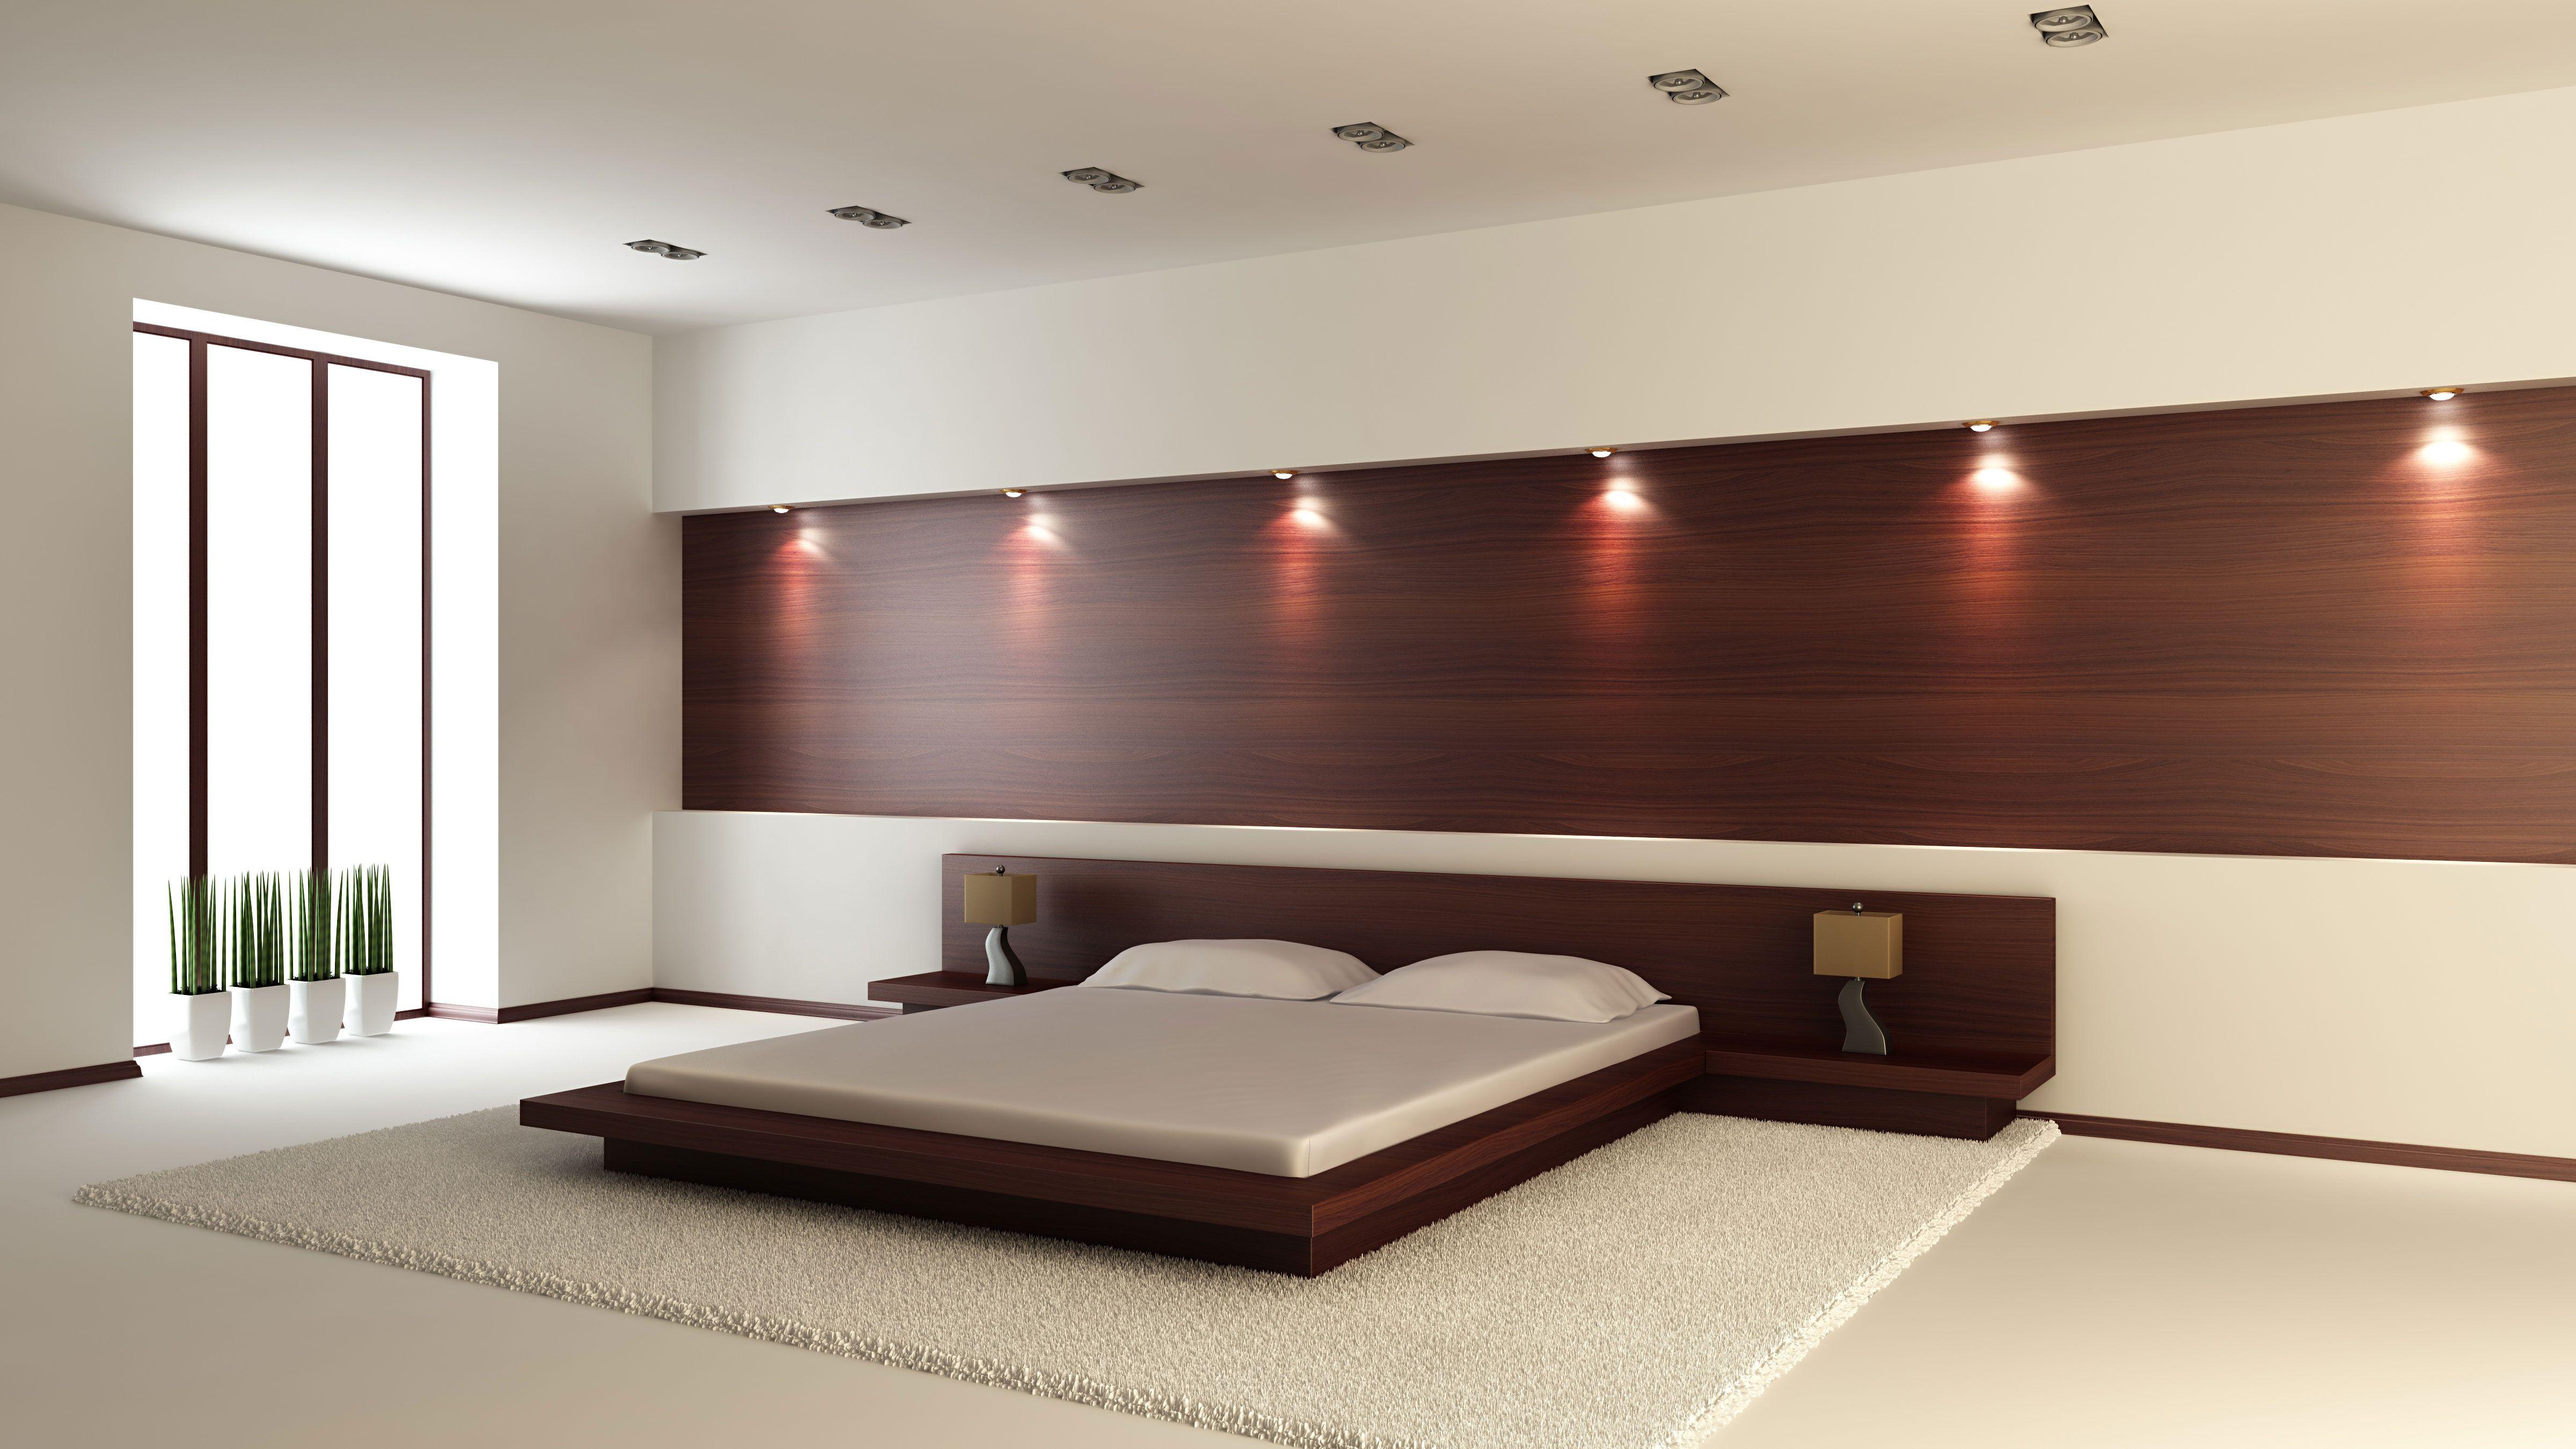 Hoofdeinde bed van muur tot muur loft interieur